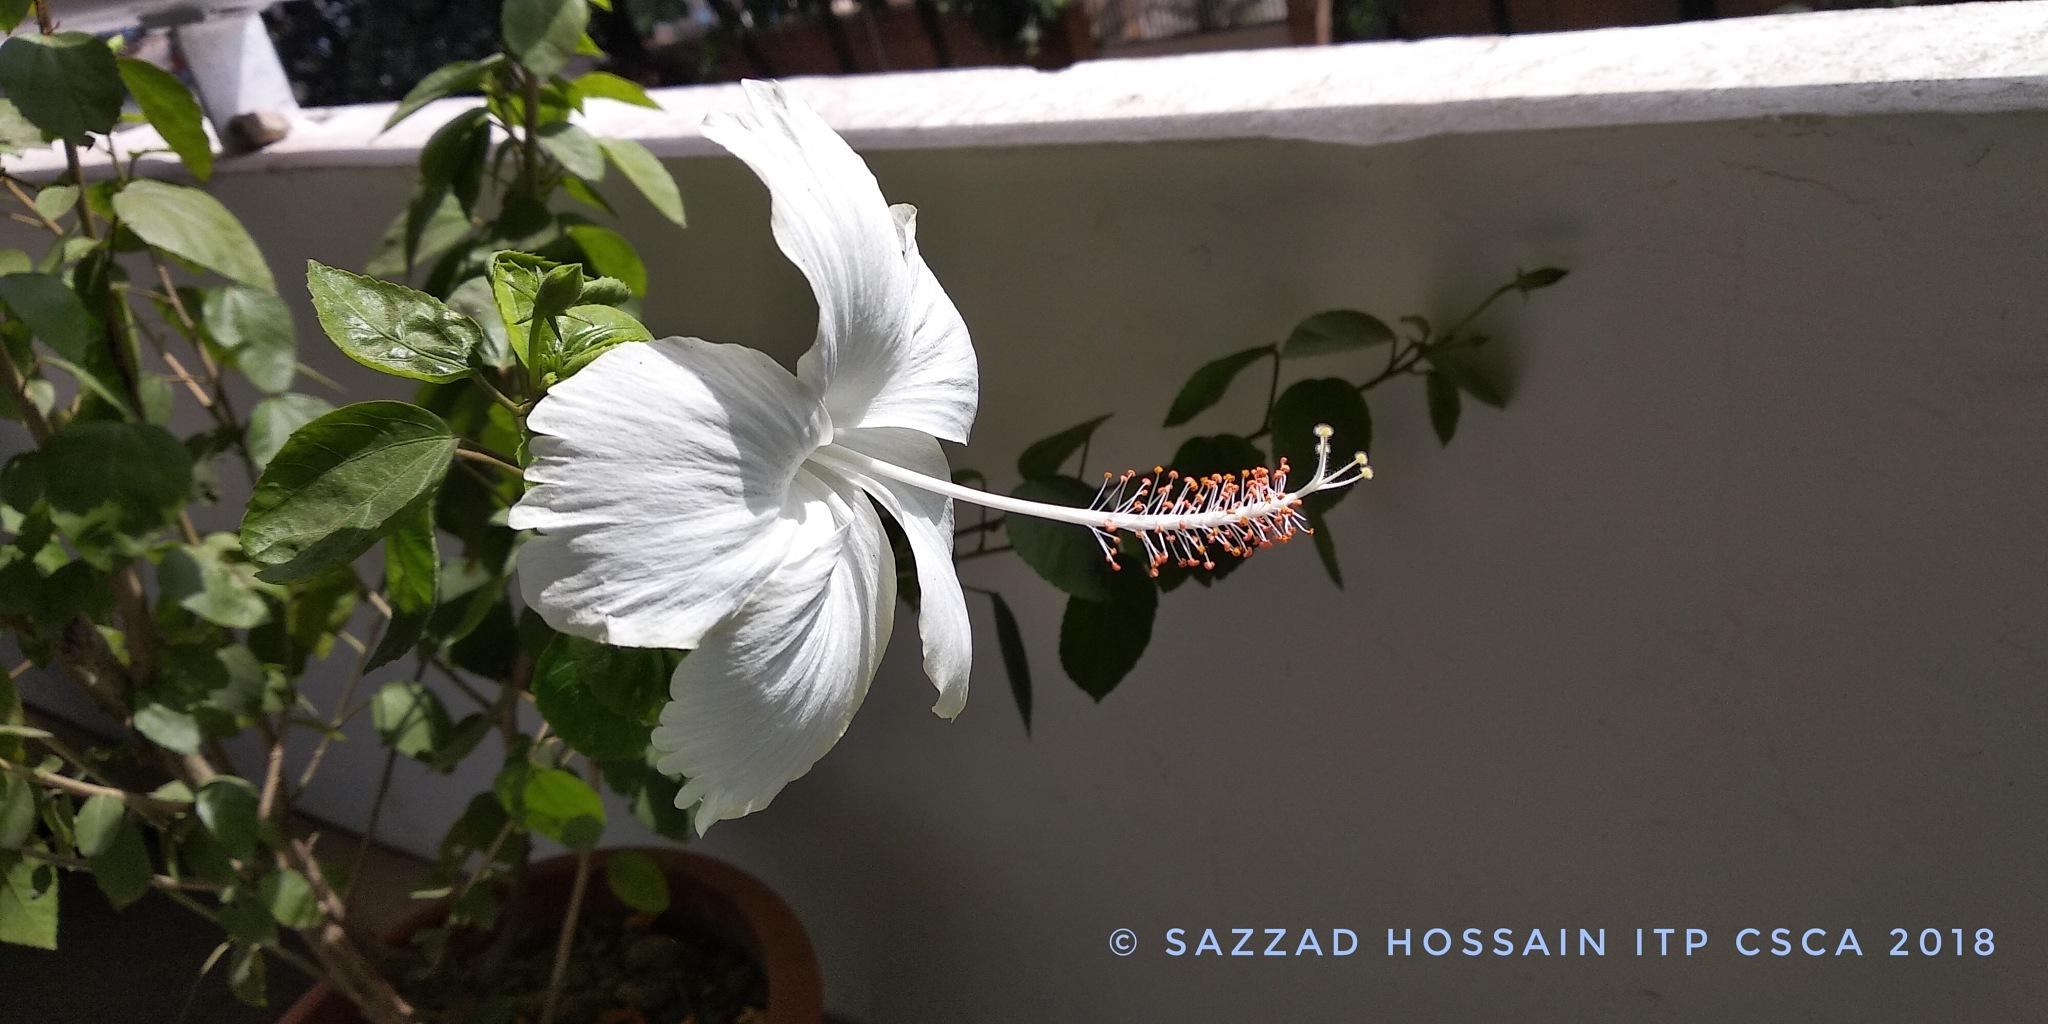 white joba by Sazzad Hossain ITP CSCA